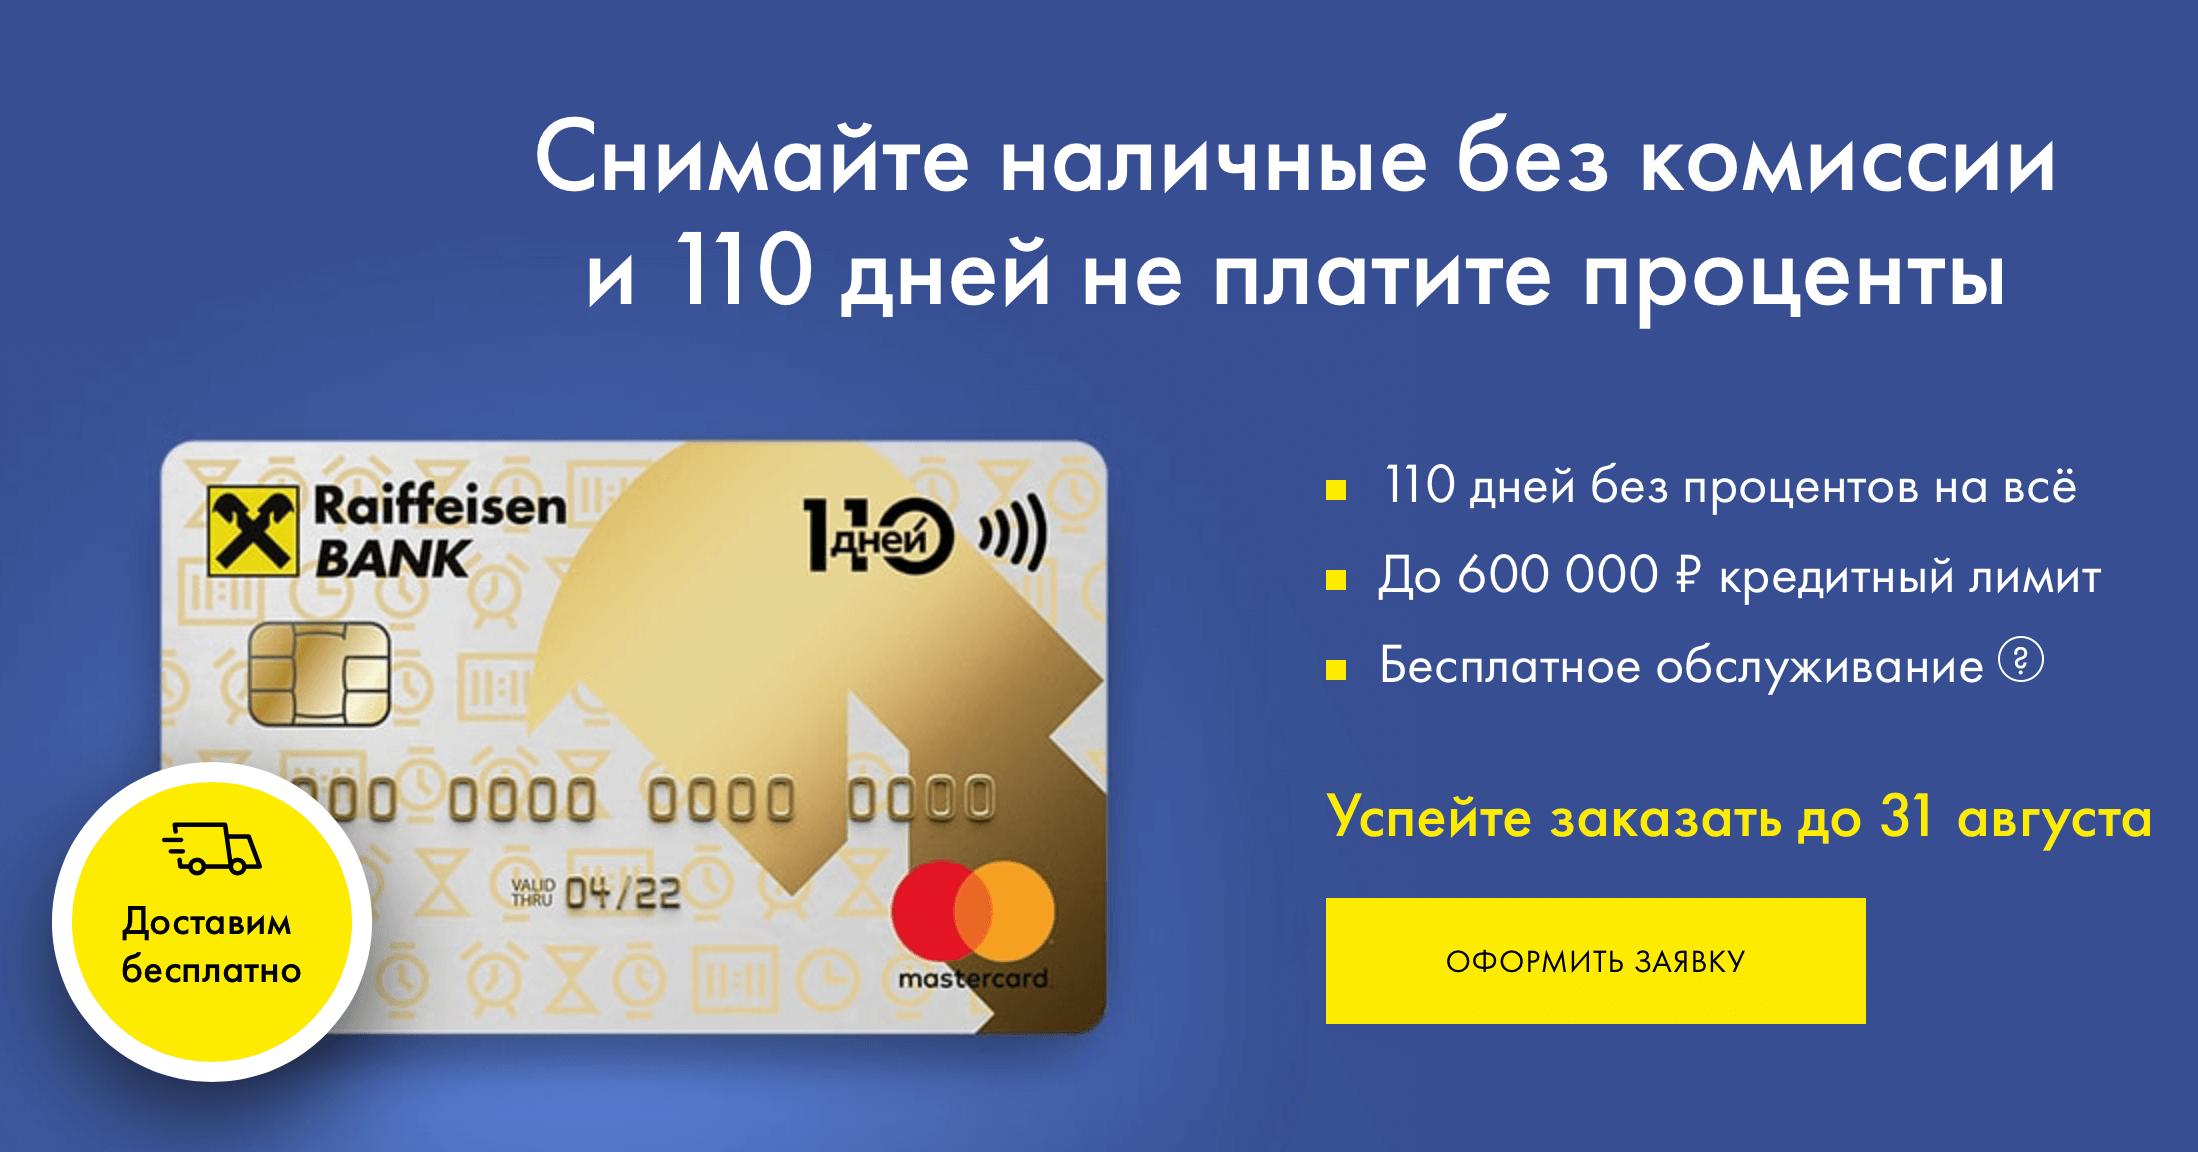 Официальный сайт райффазенбанк 110 дней без процентов